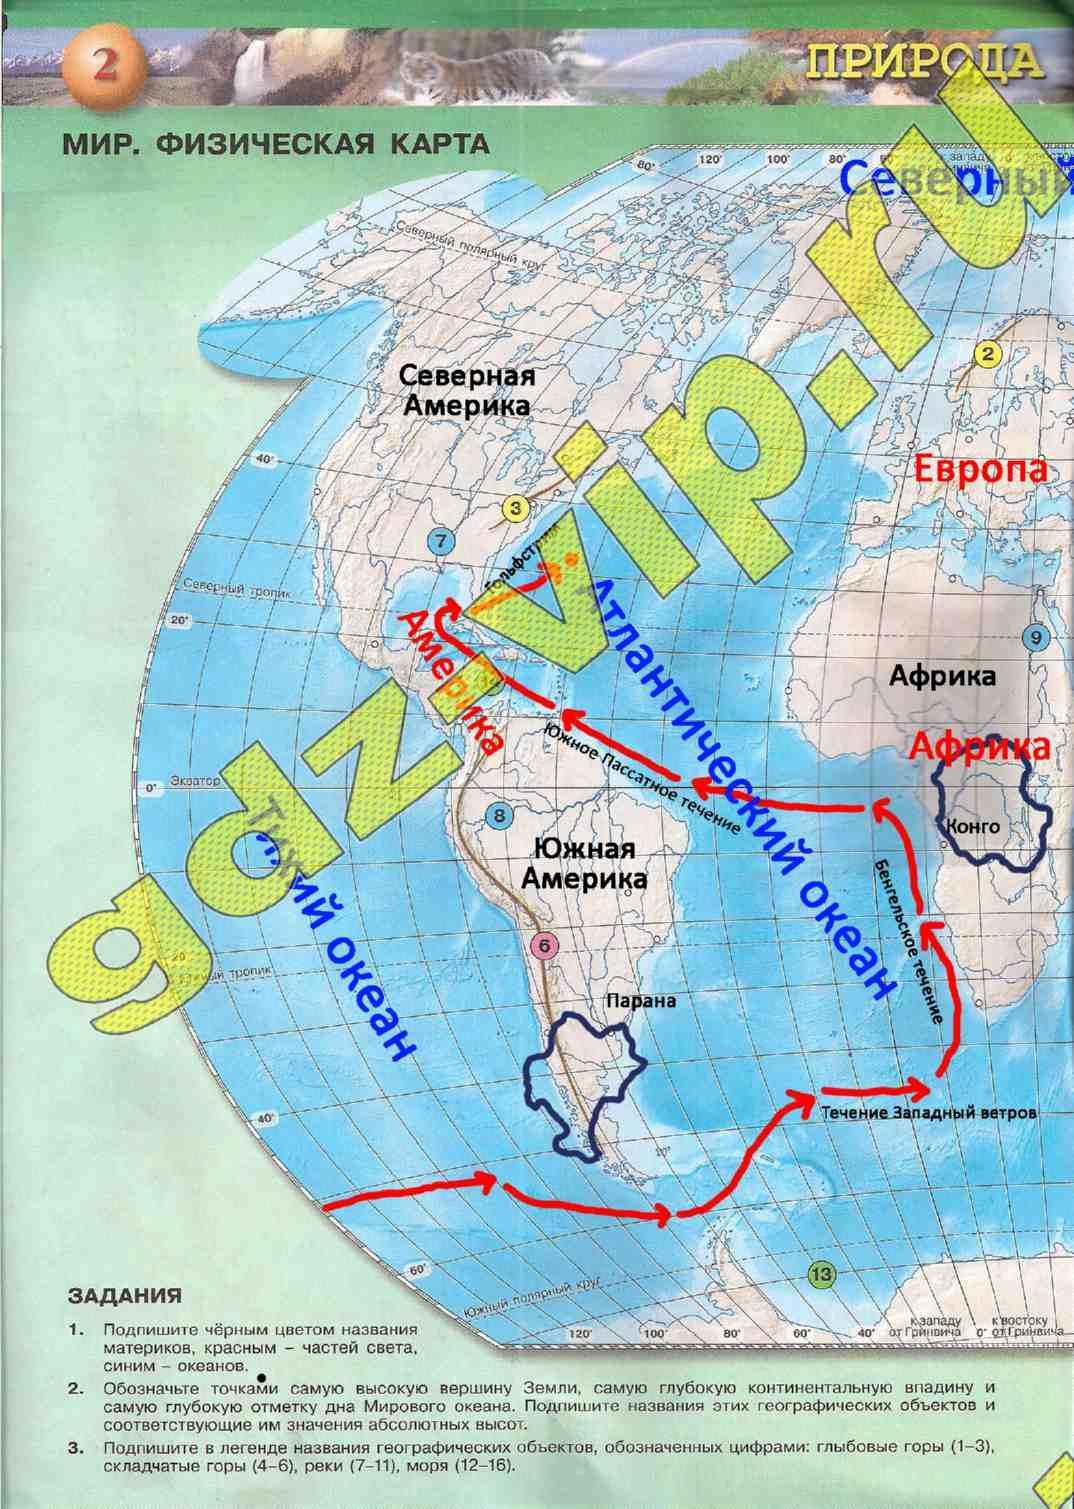 географии для карта 7 решебник класса по контурная